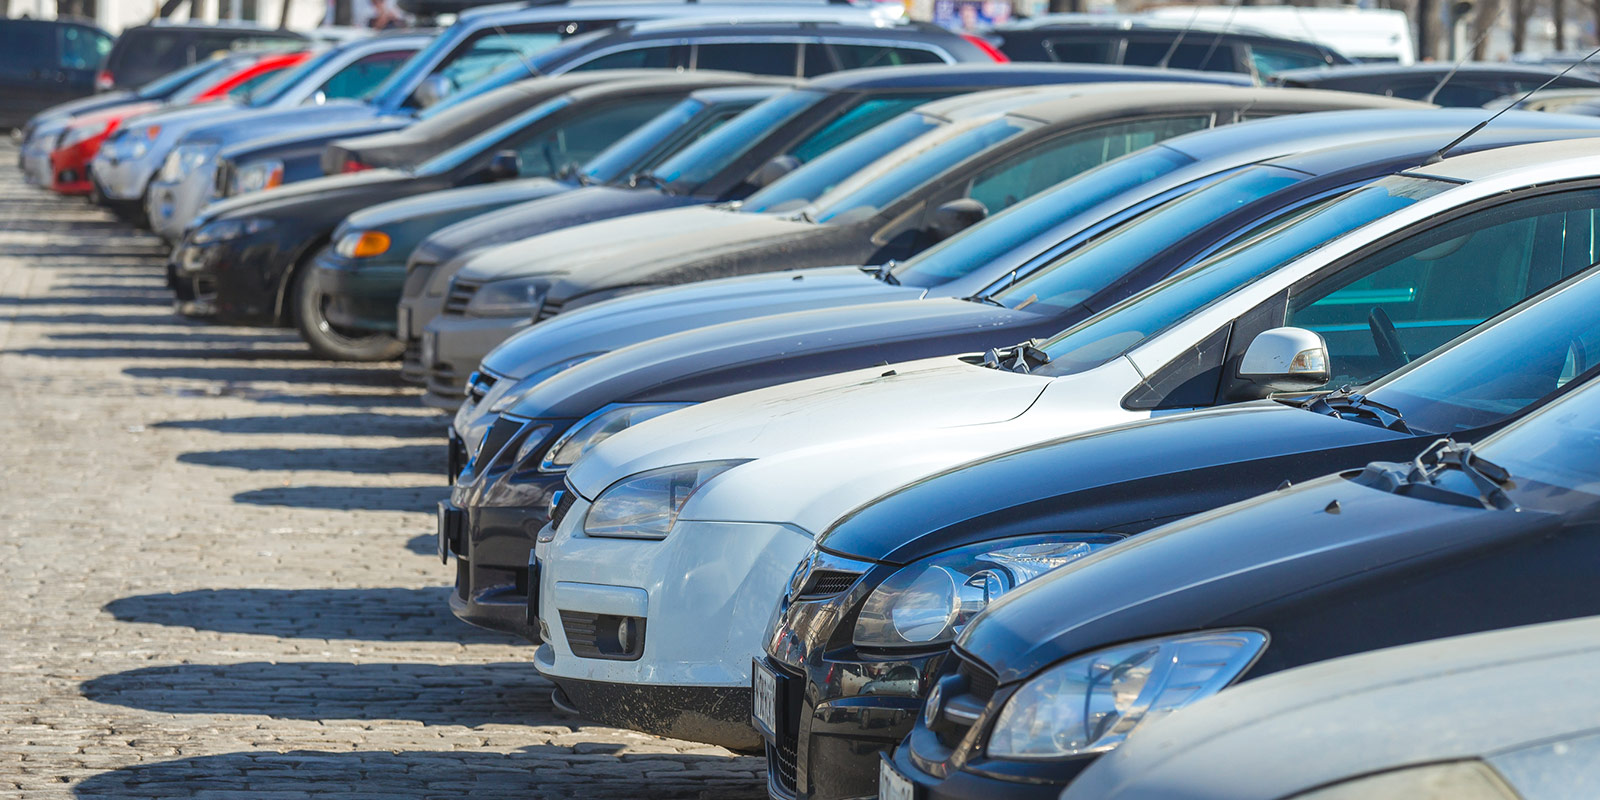 Jak financovat koupi ojetého auta? Vhodným řešením může být specializovaná autopůjčka